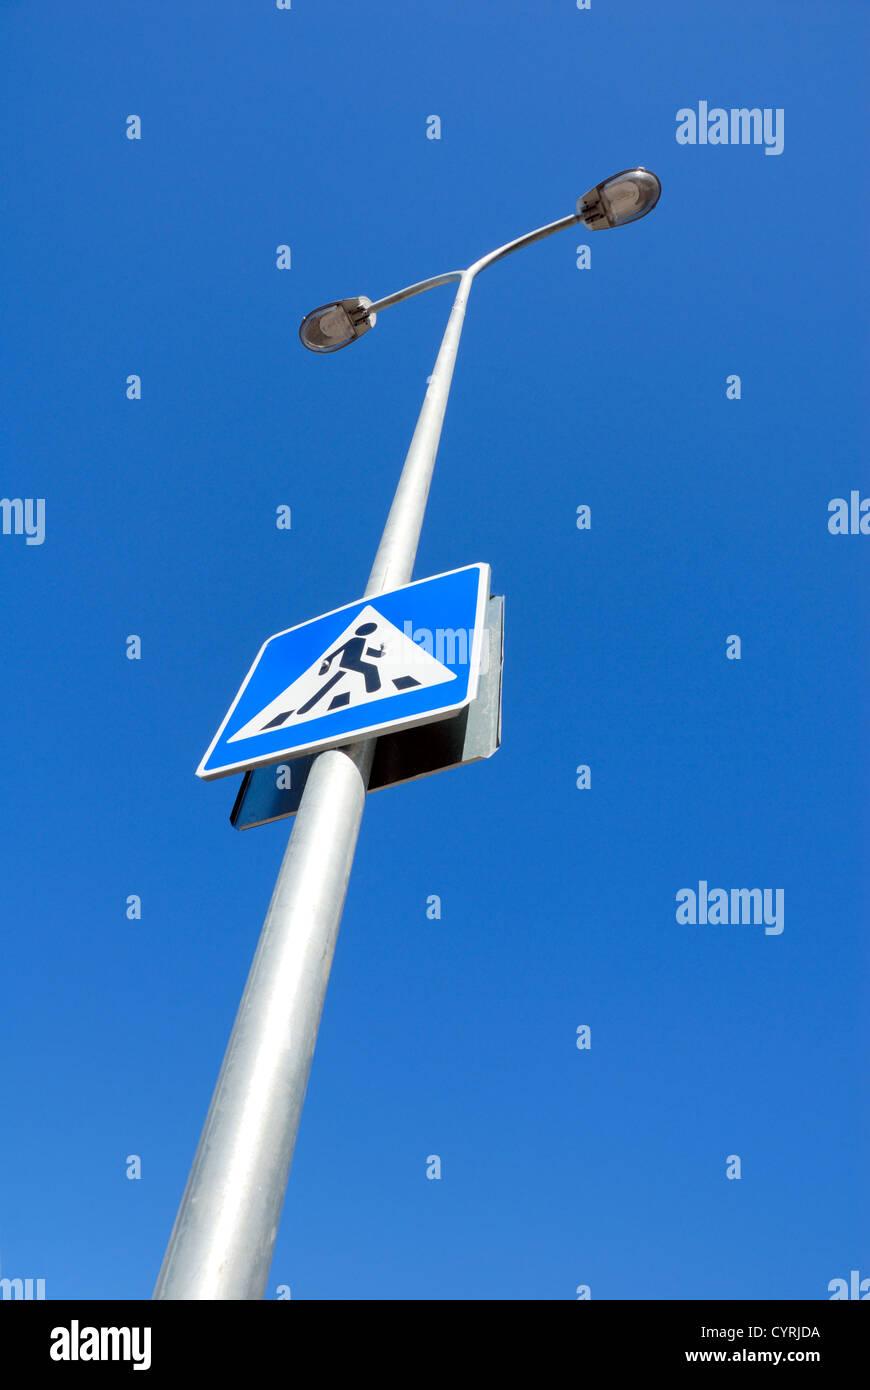 Zeichen, Spalte der Beleuchtung gegen den dunkelblauen Himmel zu führen. Stockbild